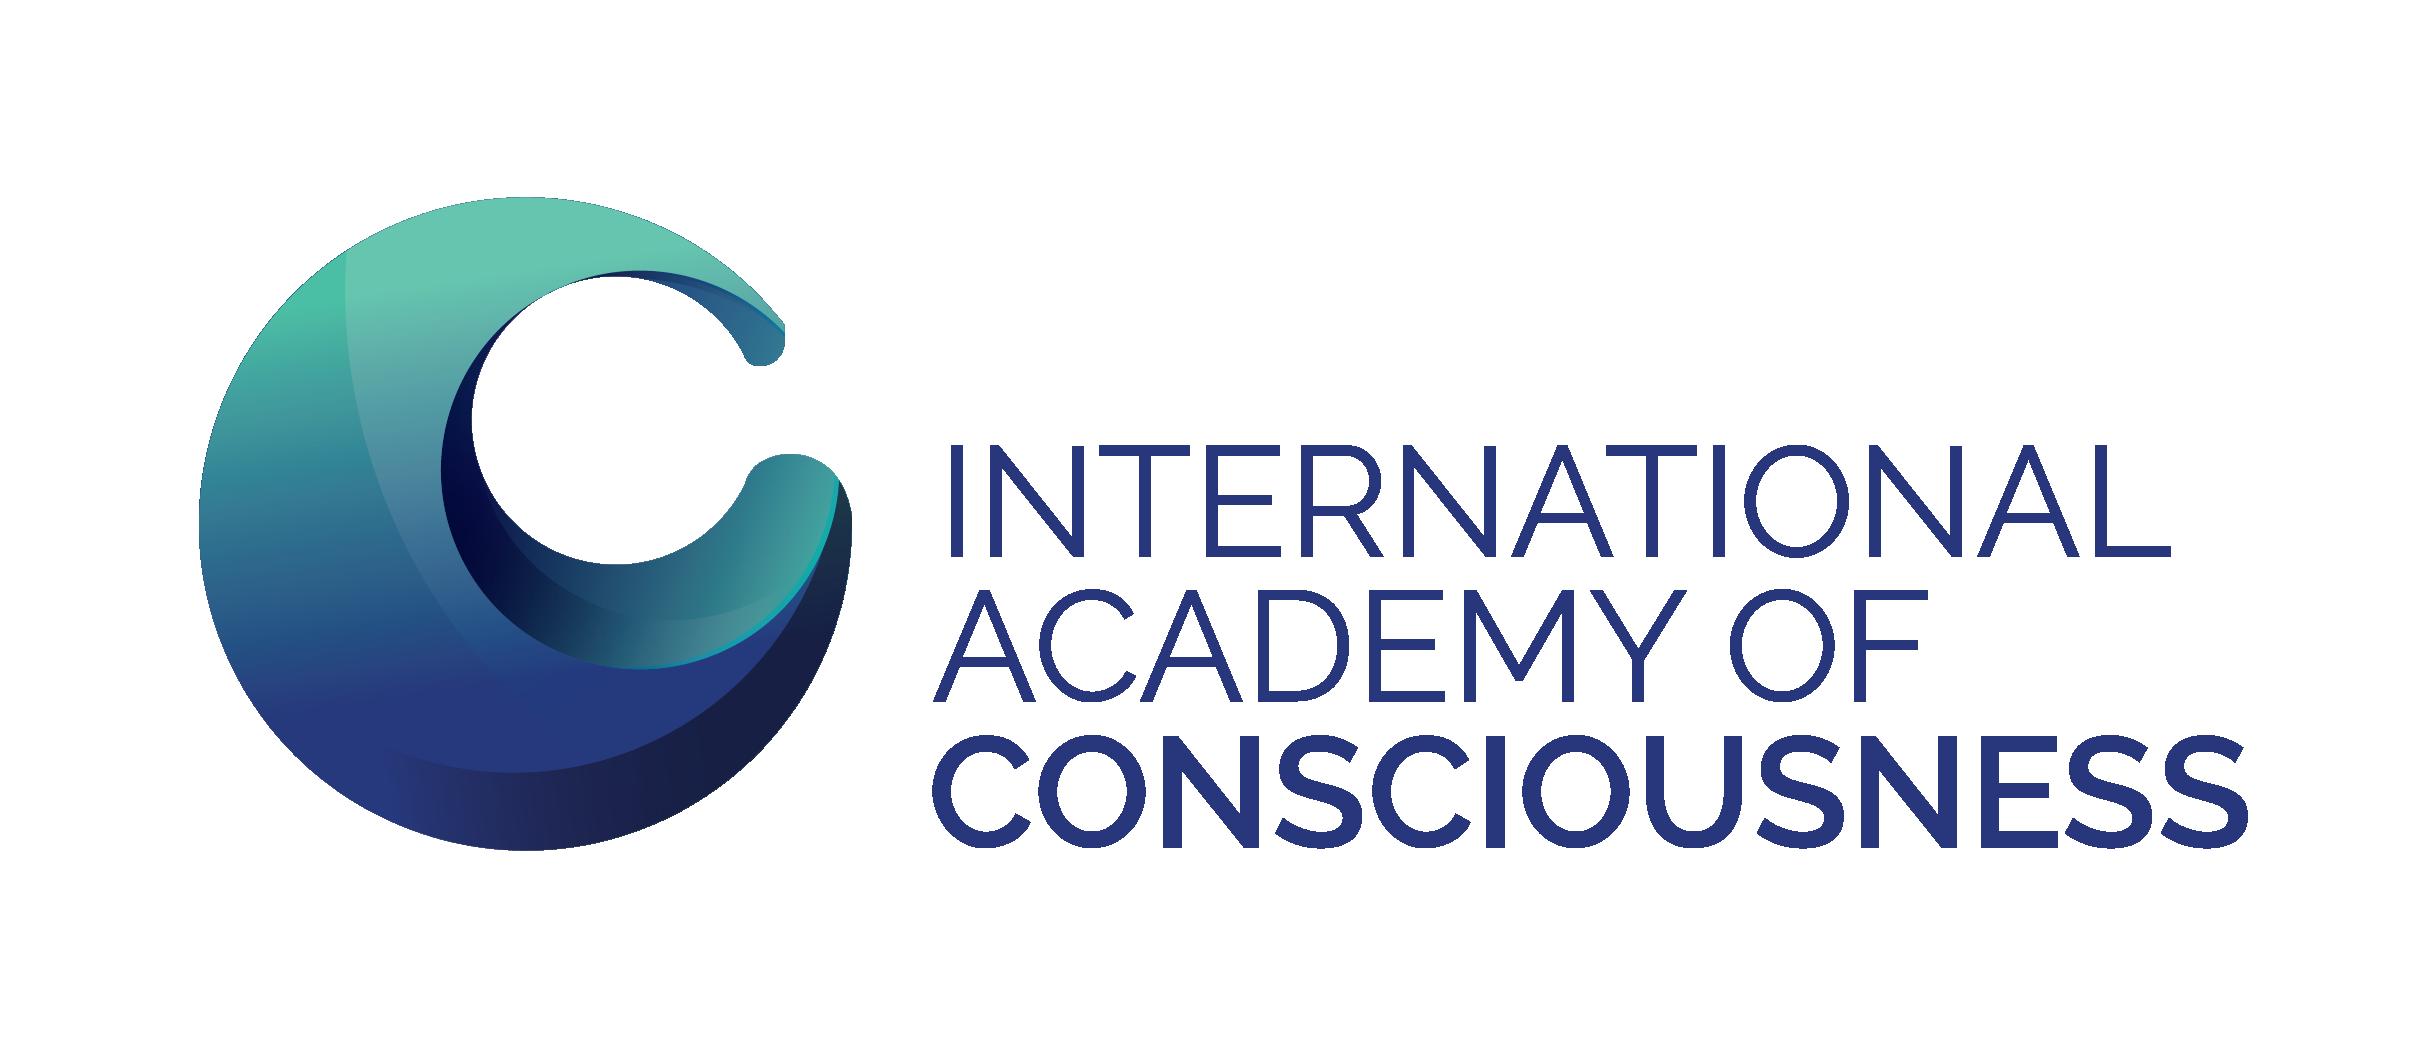 International Academy of Consciousness